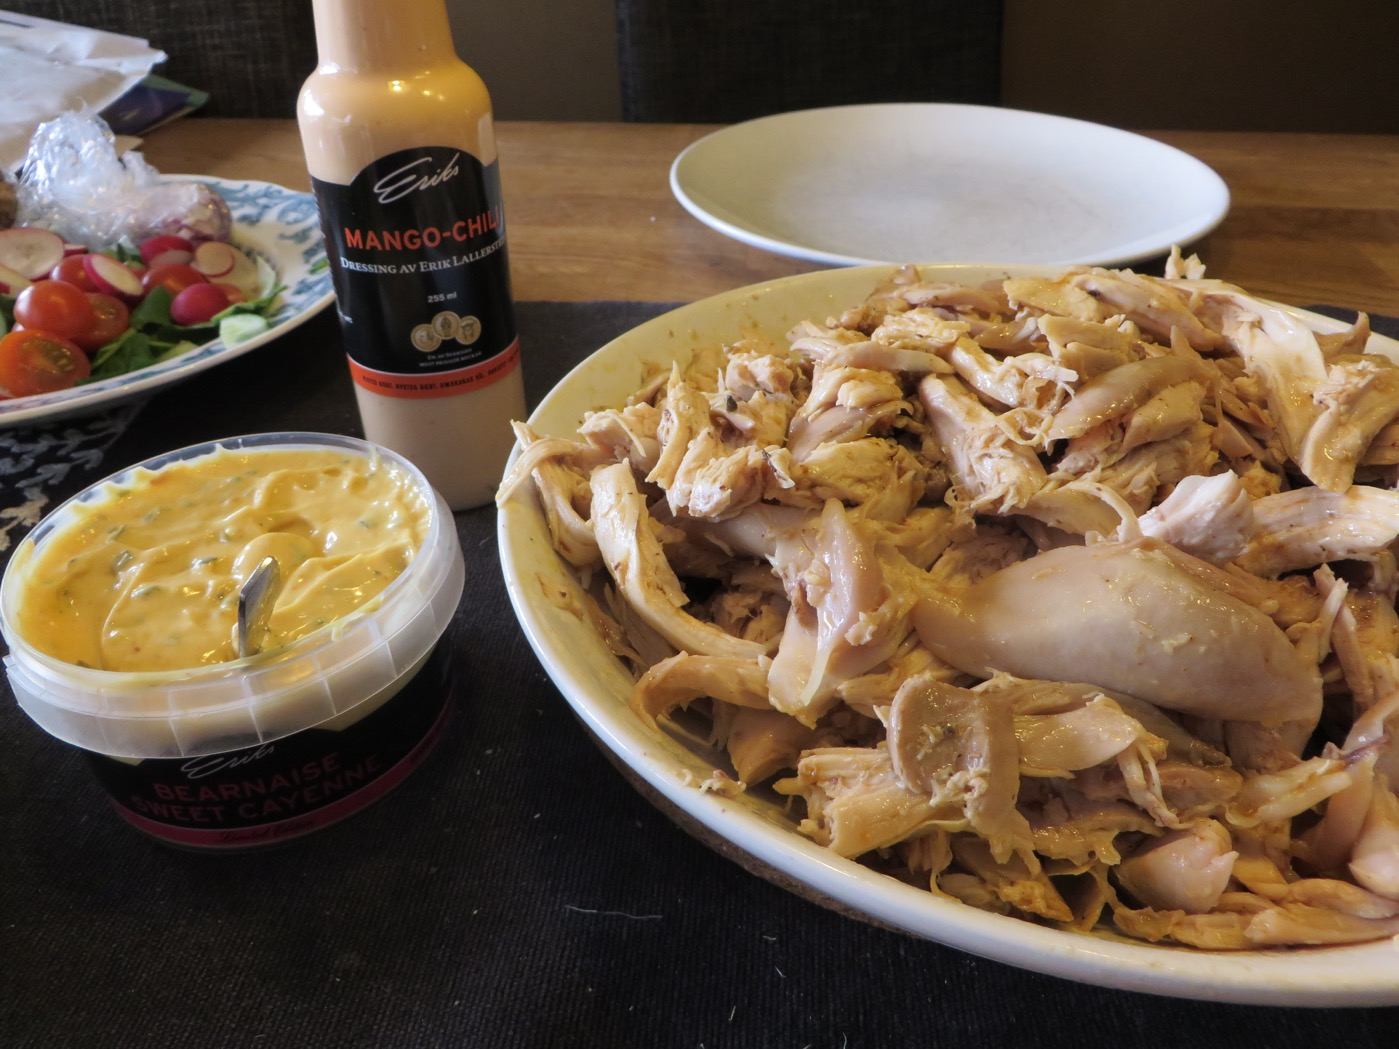 Grillad kyckling med goda såser.